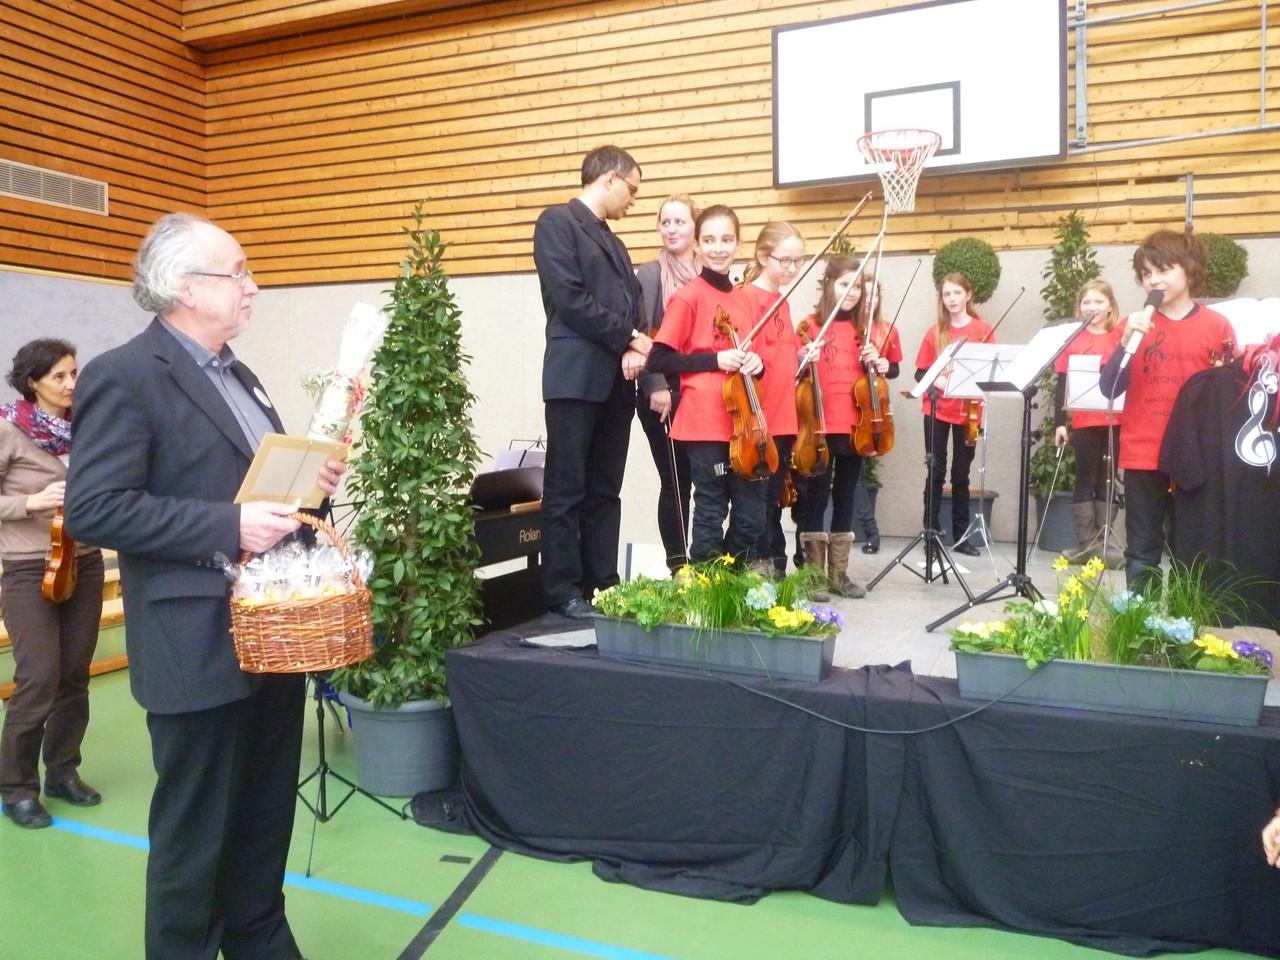 Foto O. Kindermann, Das Schüler-Streichorchester spielt für Herrn Blaum und seinen Gästen